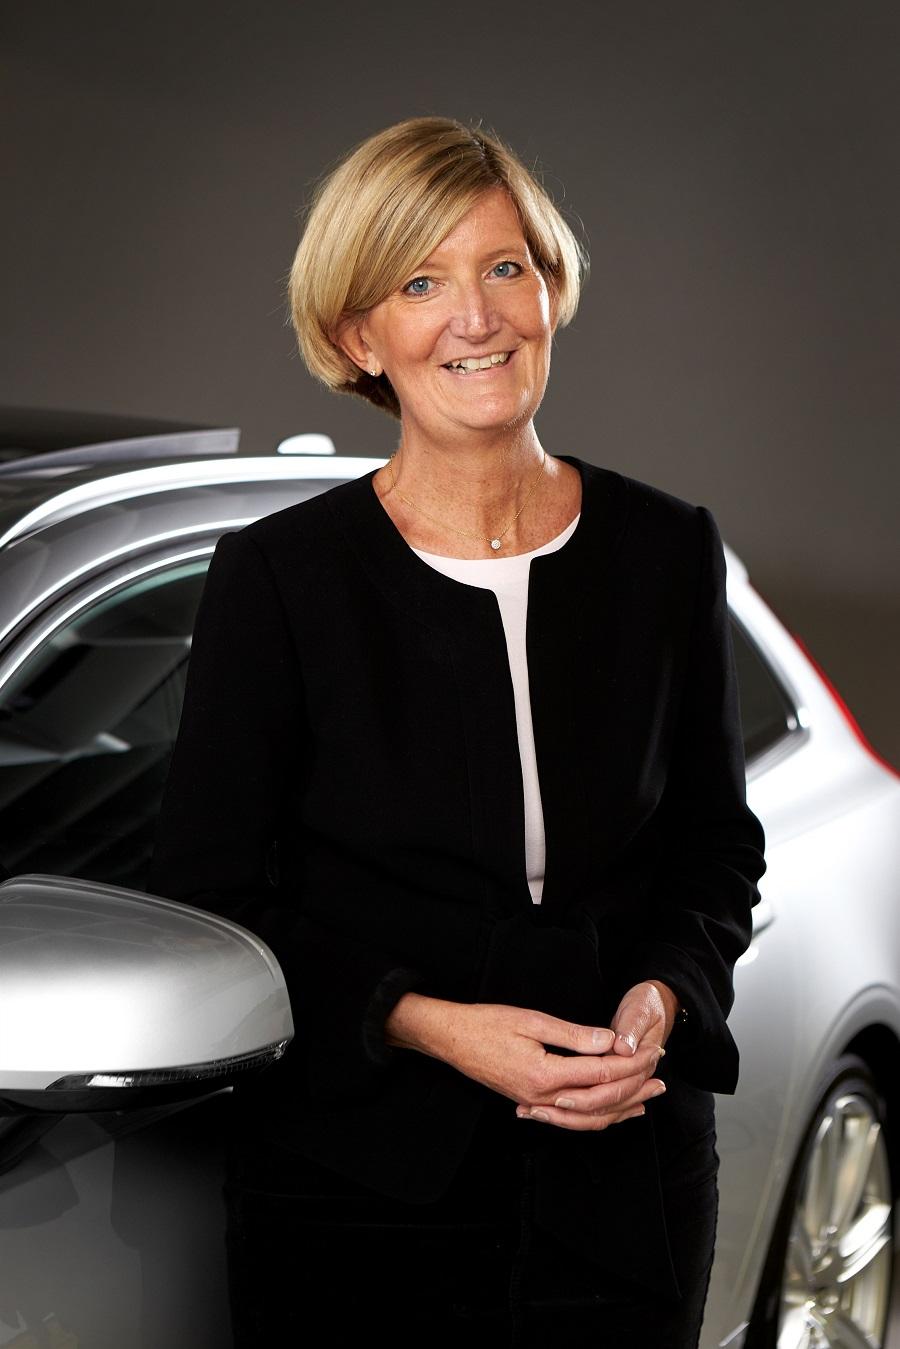 Мария Хемберг старший вице-президент Volvo Car